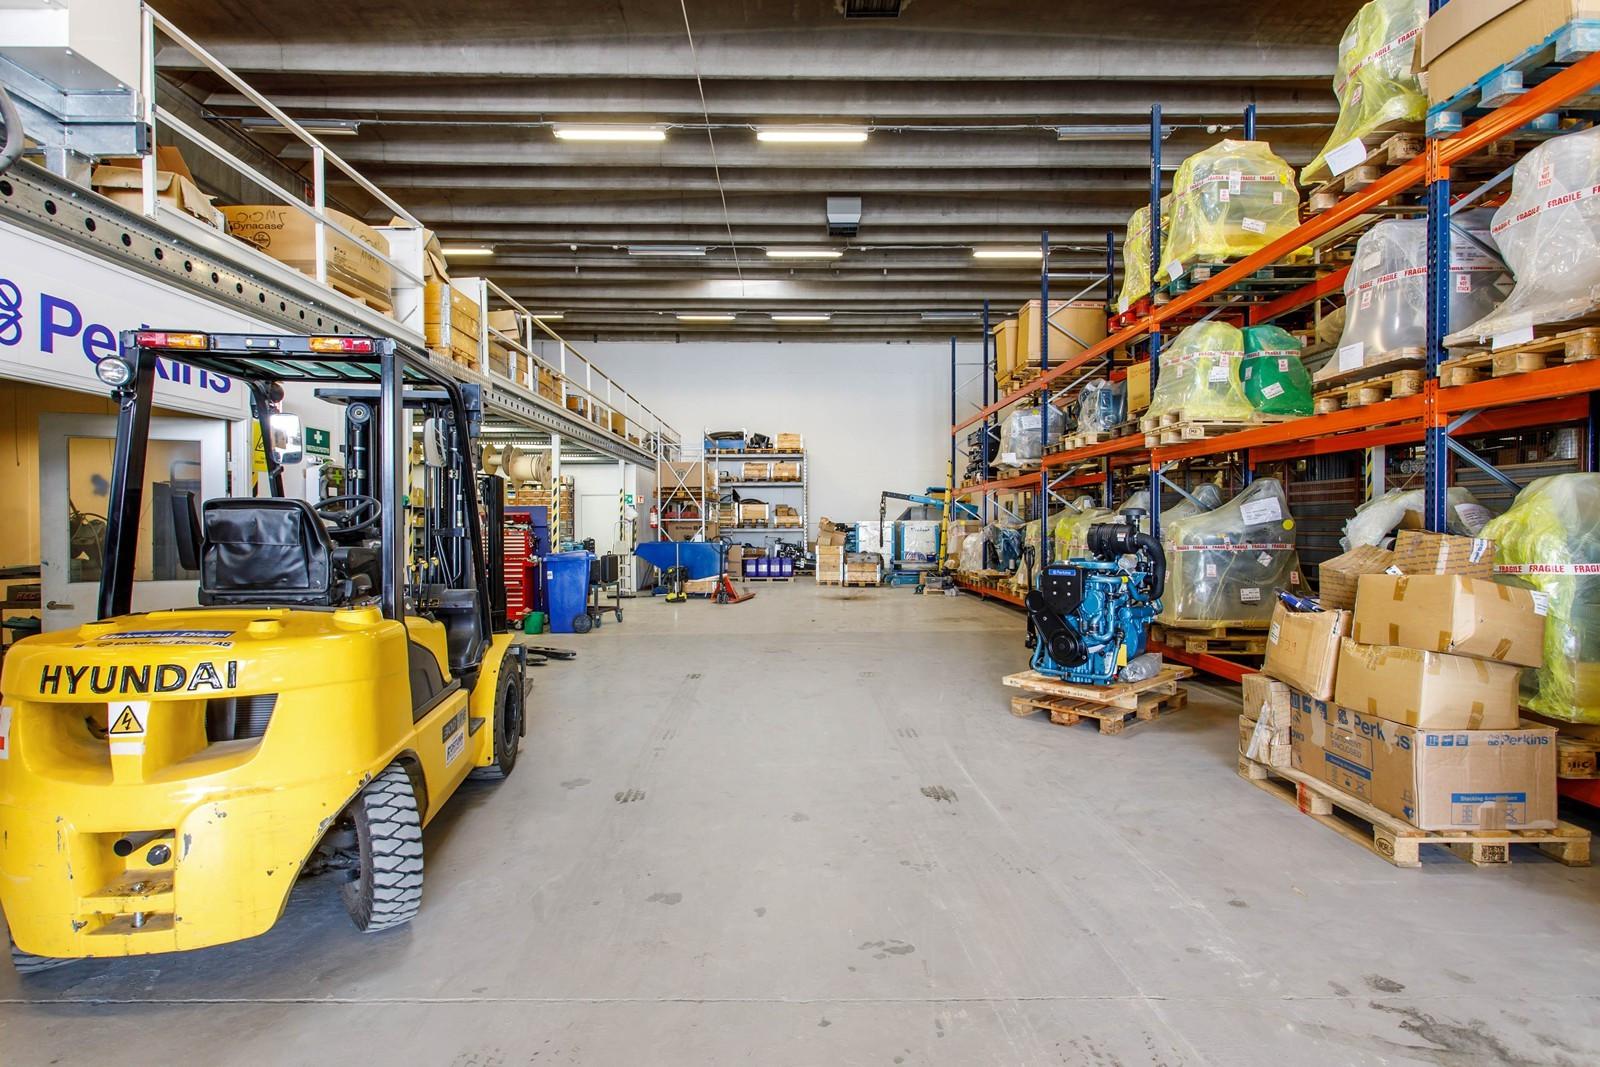 Fra kjøreport og inn i lager-verksted